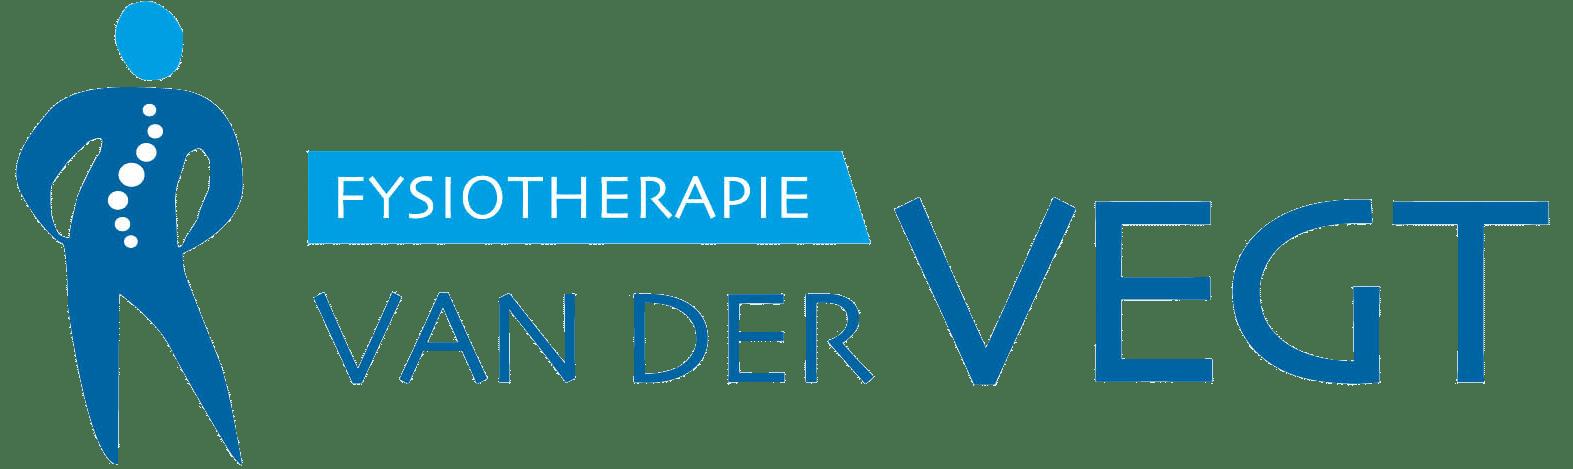 Fysiotherapie Van der Vegt